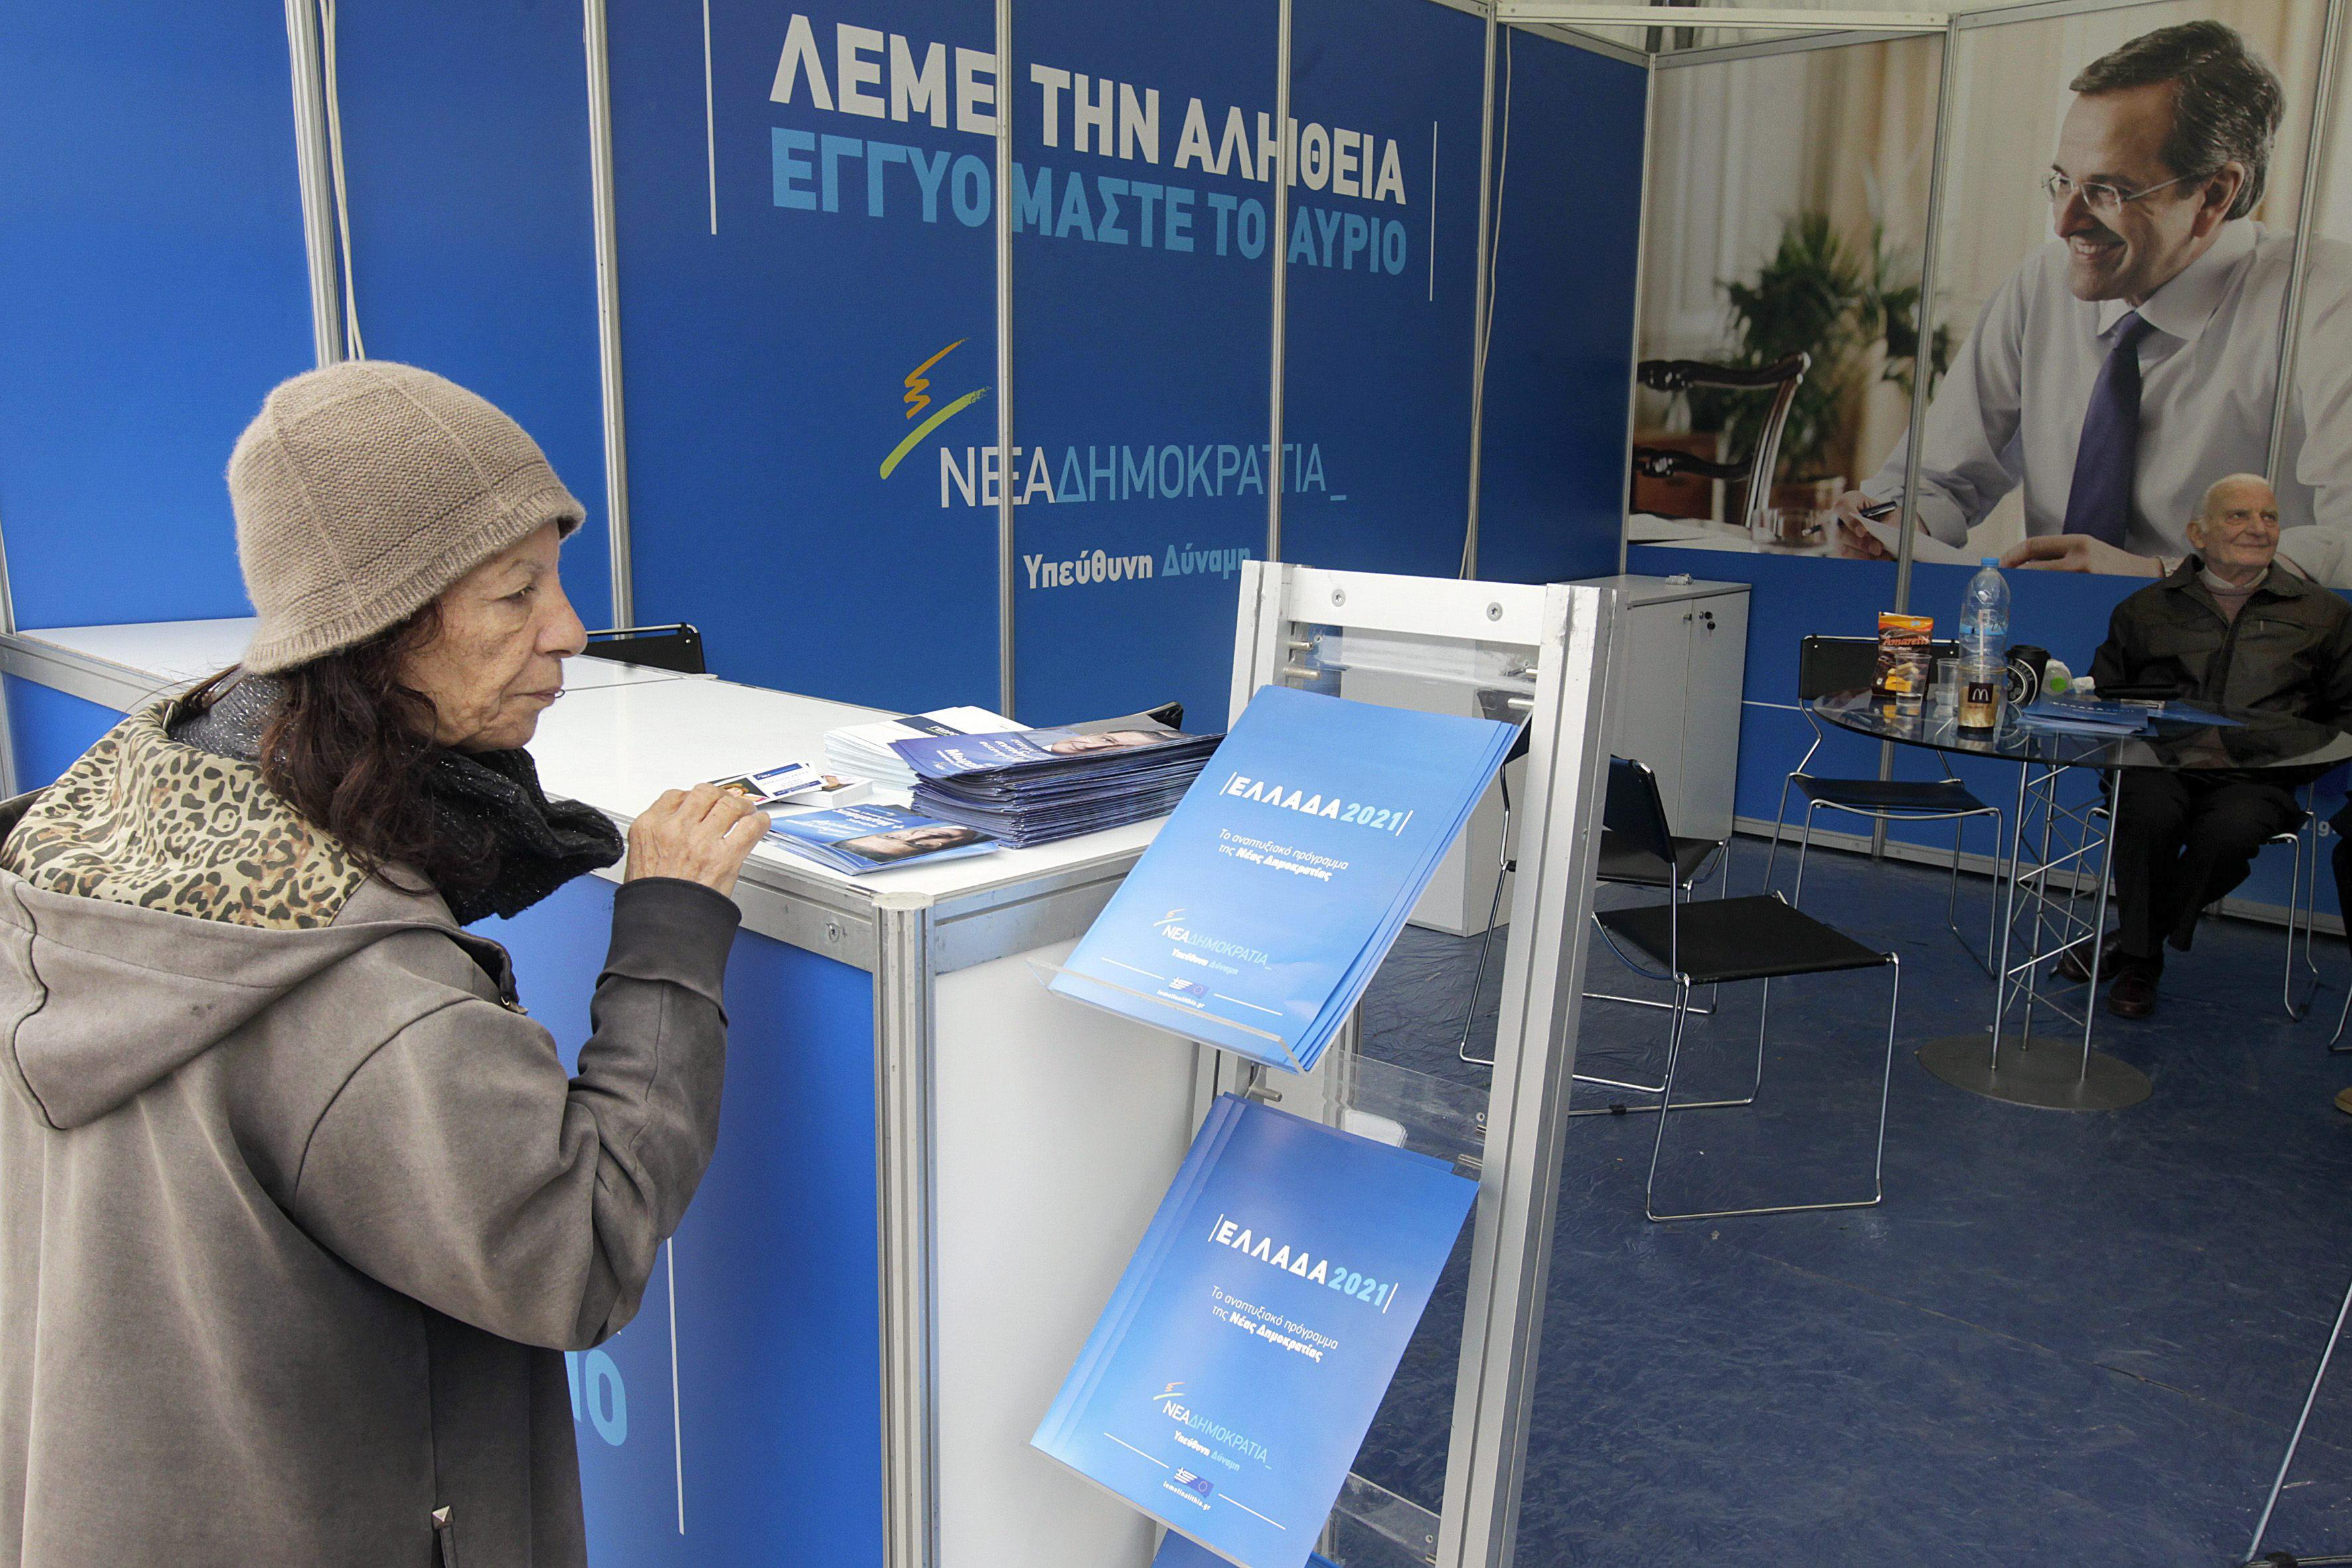 Punto de propaganda de Nueva Democracia en Atenas. Foto: EFE/EPA/ORESTIS PANAGIOTOU